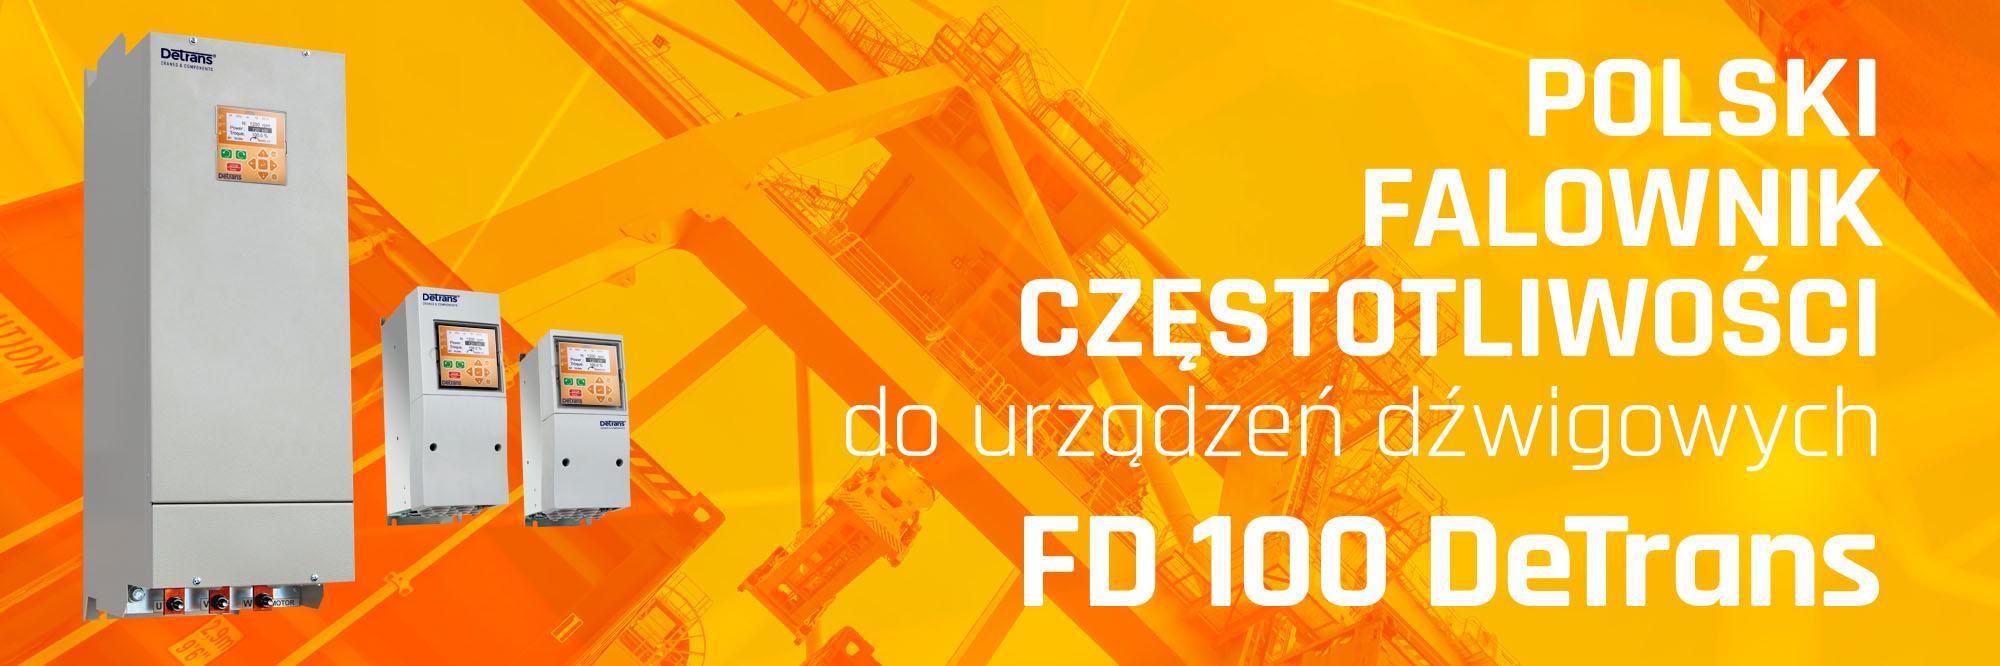 Polski falownik częstotliwości do urządzeń dźwigowych FD100 DeTrans